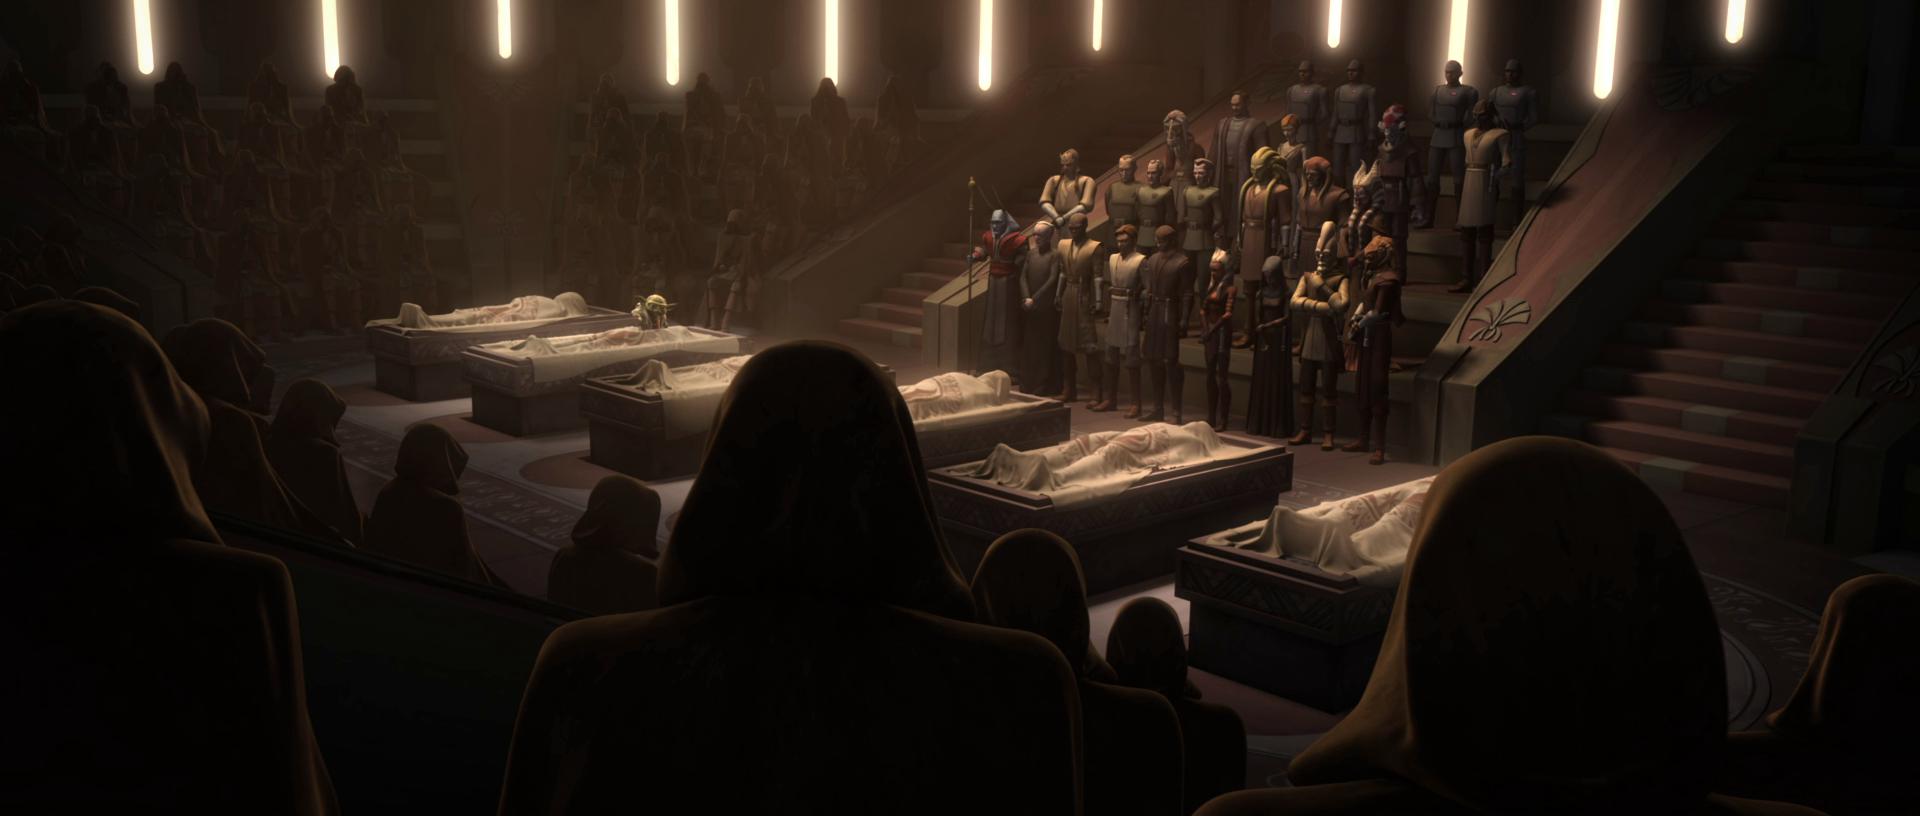 Похороны жертв взрыва в Храме джедаев/Канон